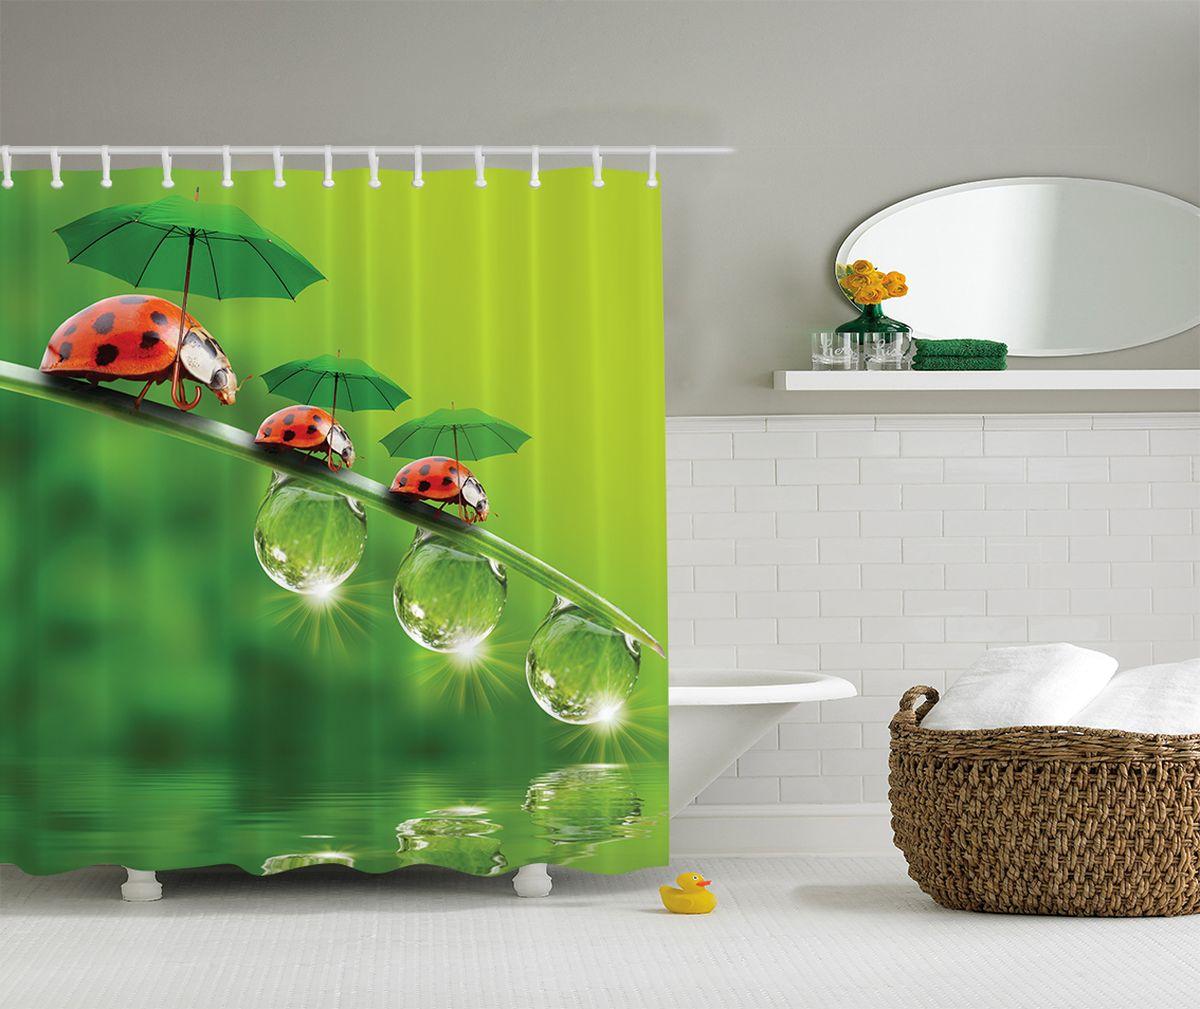 Штора для ванной комнаты Magic Lady Семья и зонты, 180 х 200 см фотоштора для ванной утка принимает душ magic lady 180 х 200 см